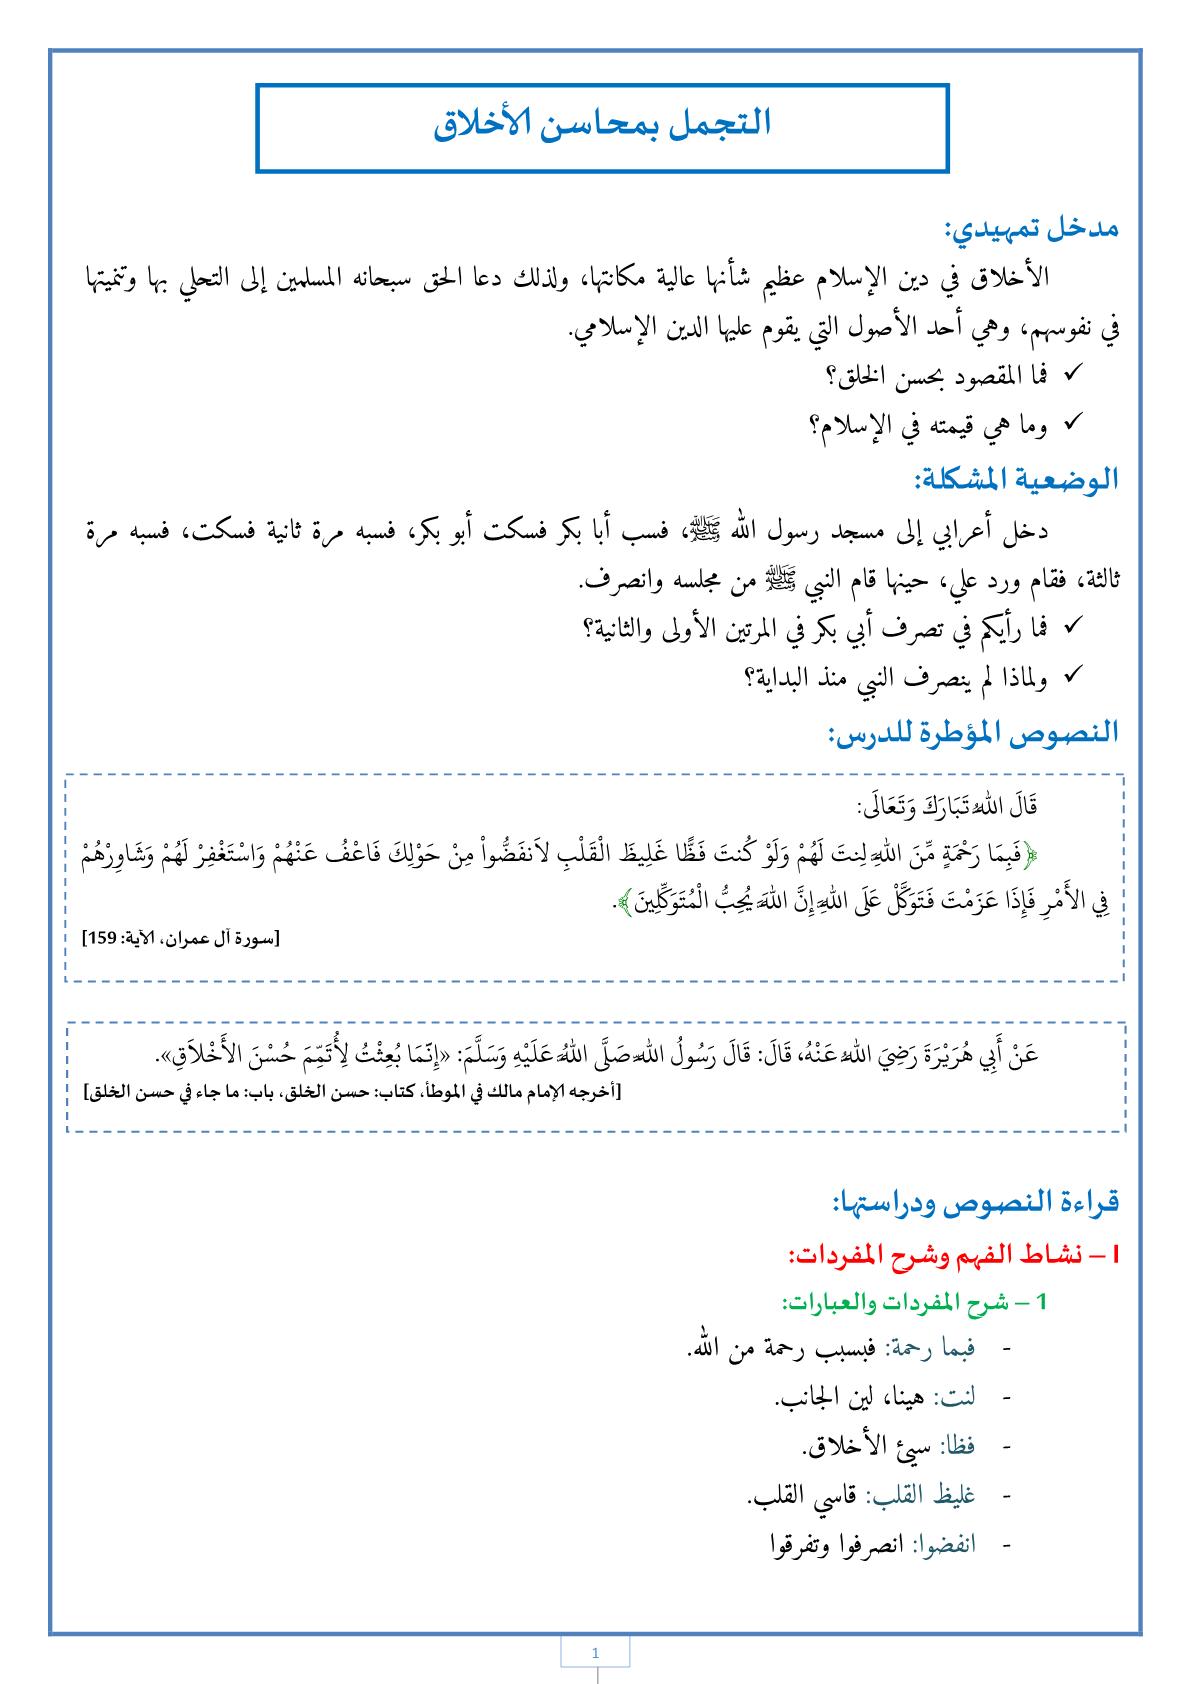 درس التجمل بمحاسن الأخلاق مادة التربية الإسلامية للسنة الأولى إعدادي